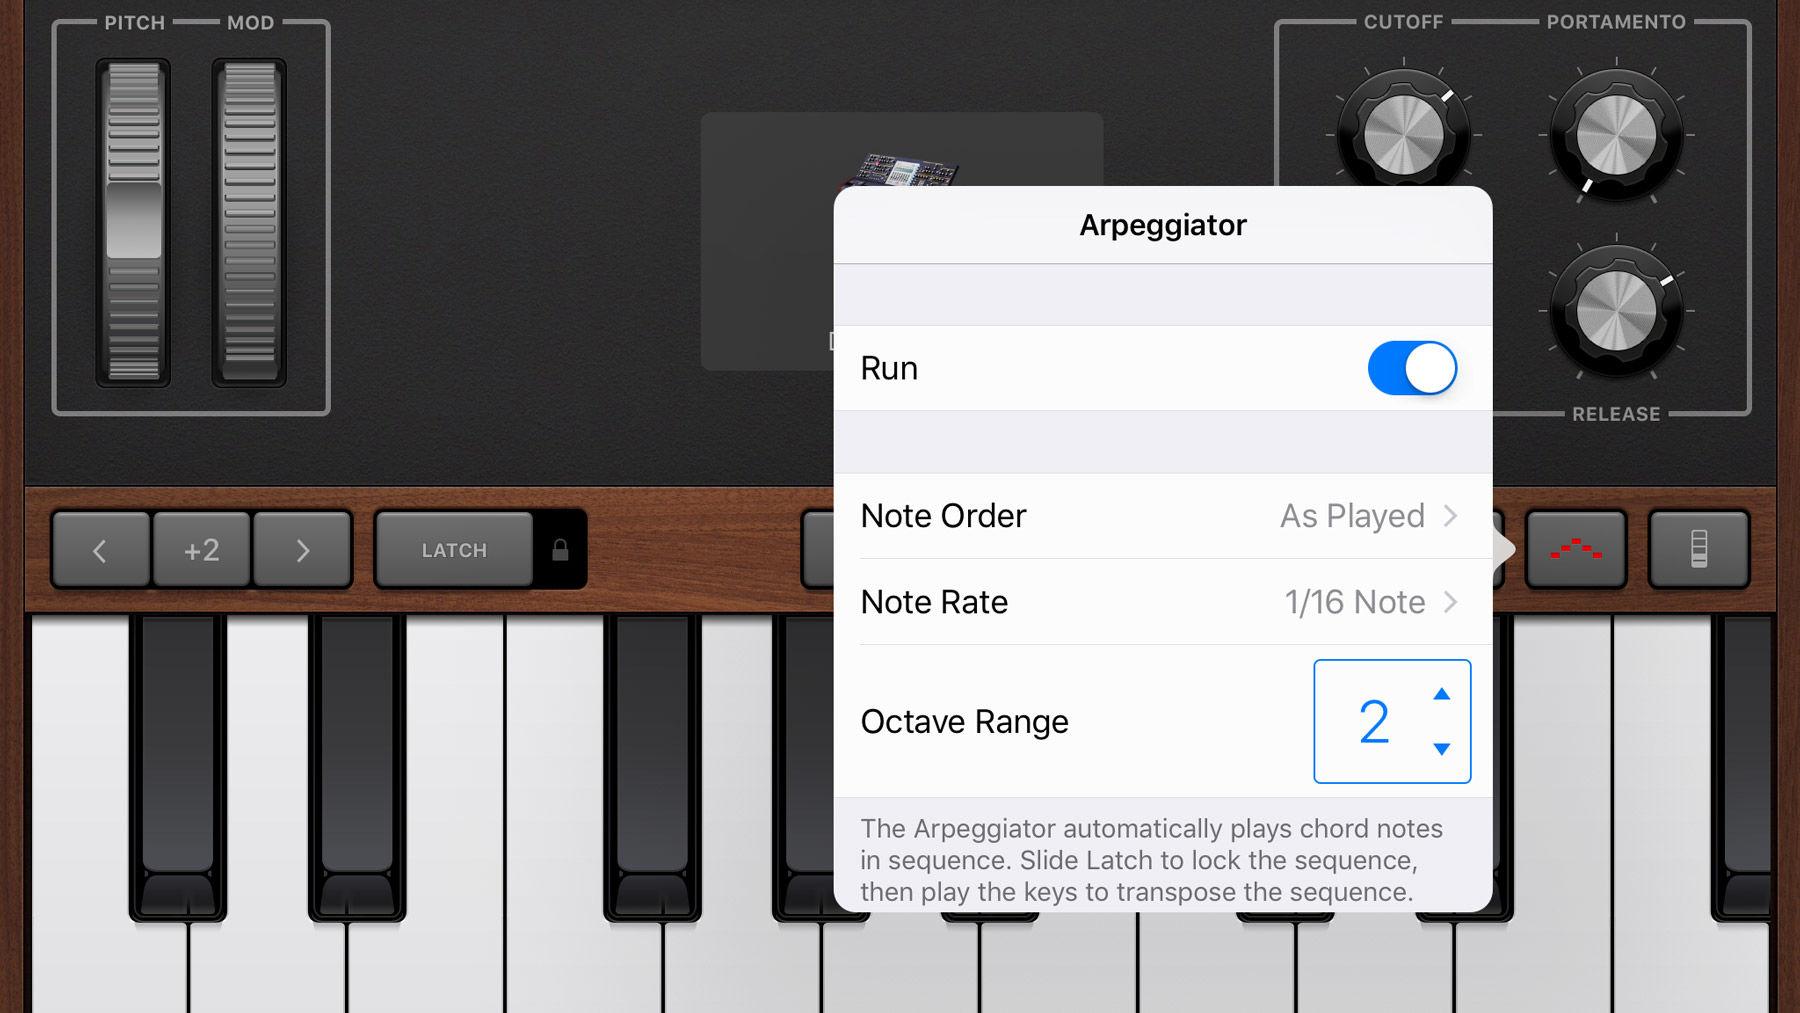 Cómo usar GarageBand en iPhone y iPad: Arpegiador